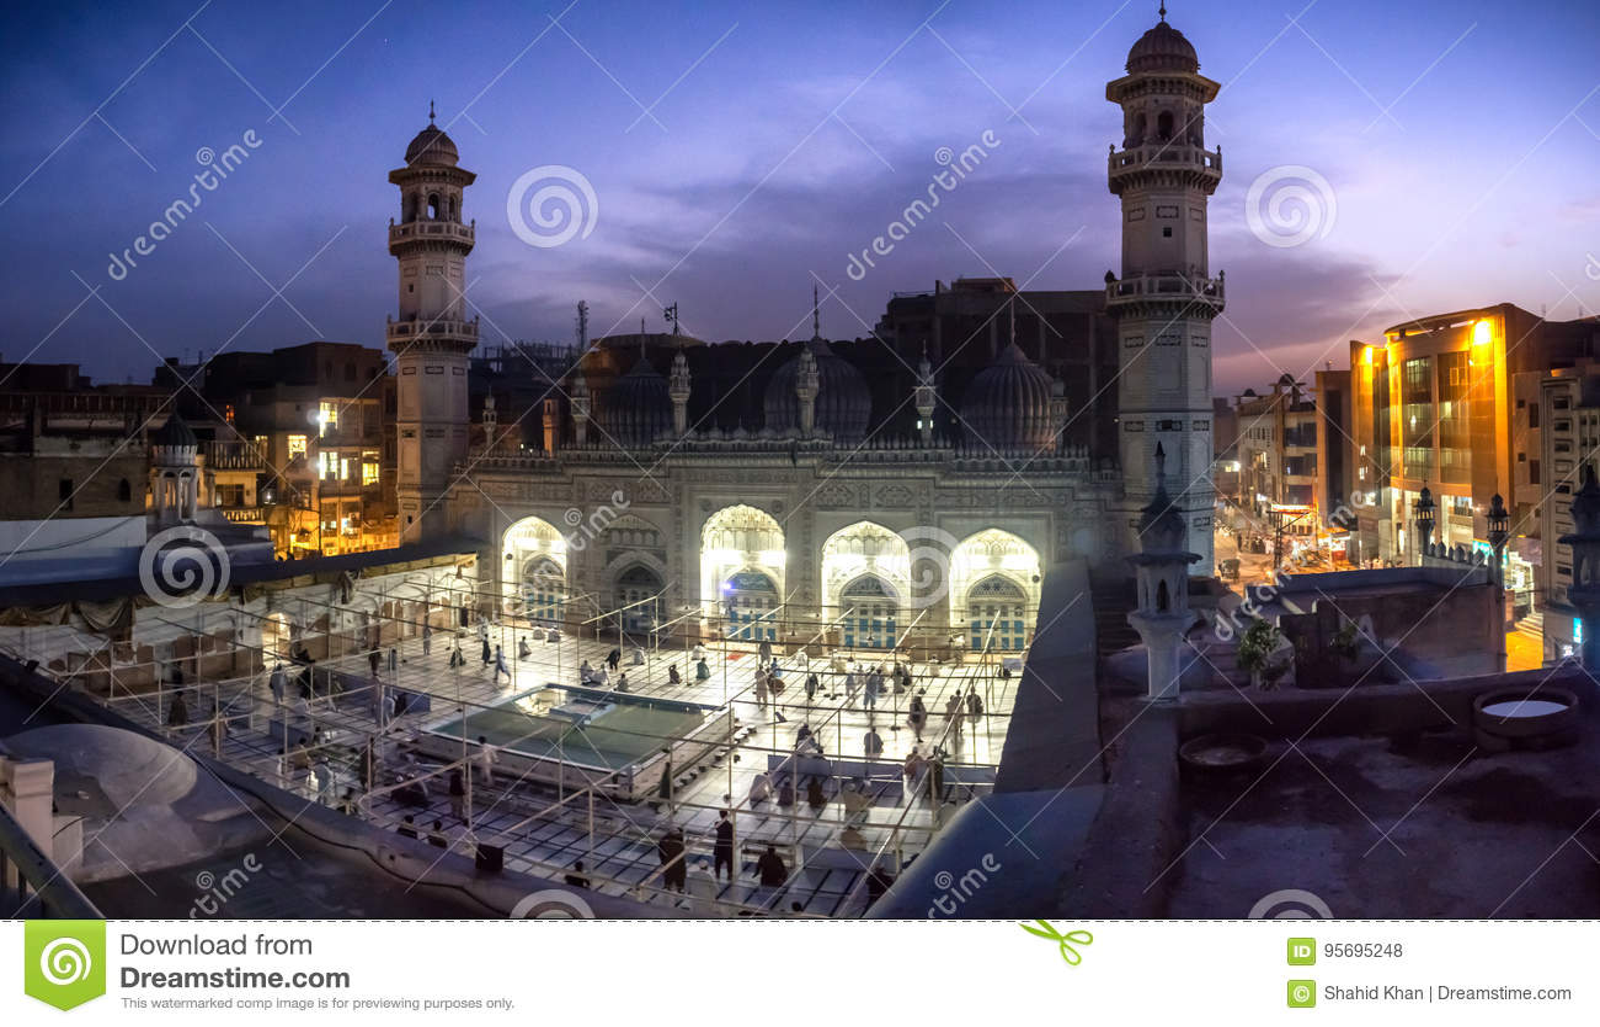 Masjid Mahabat Khan Peshawar Pakistan